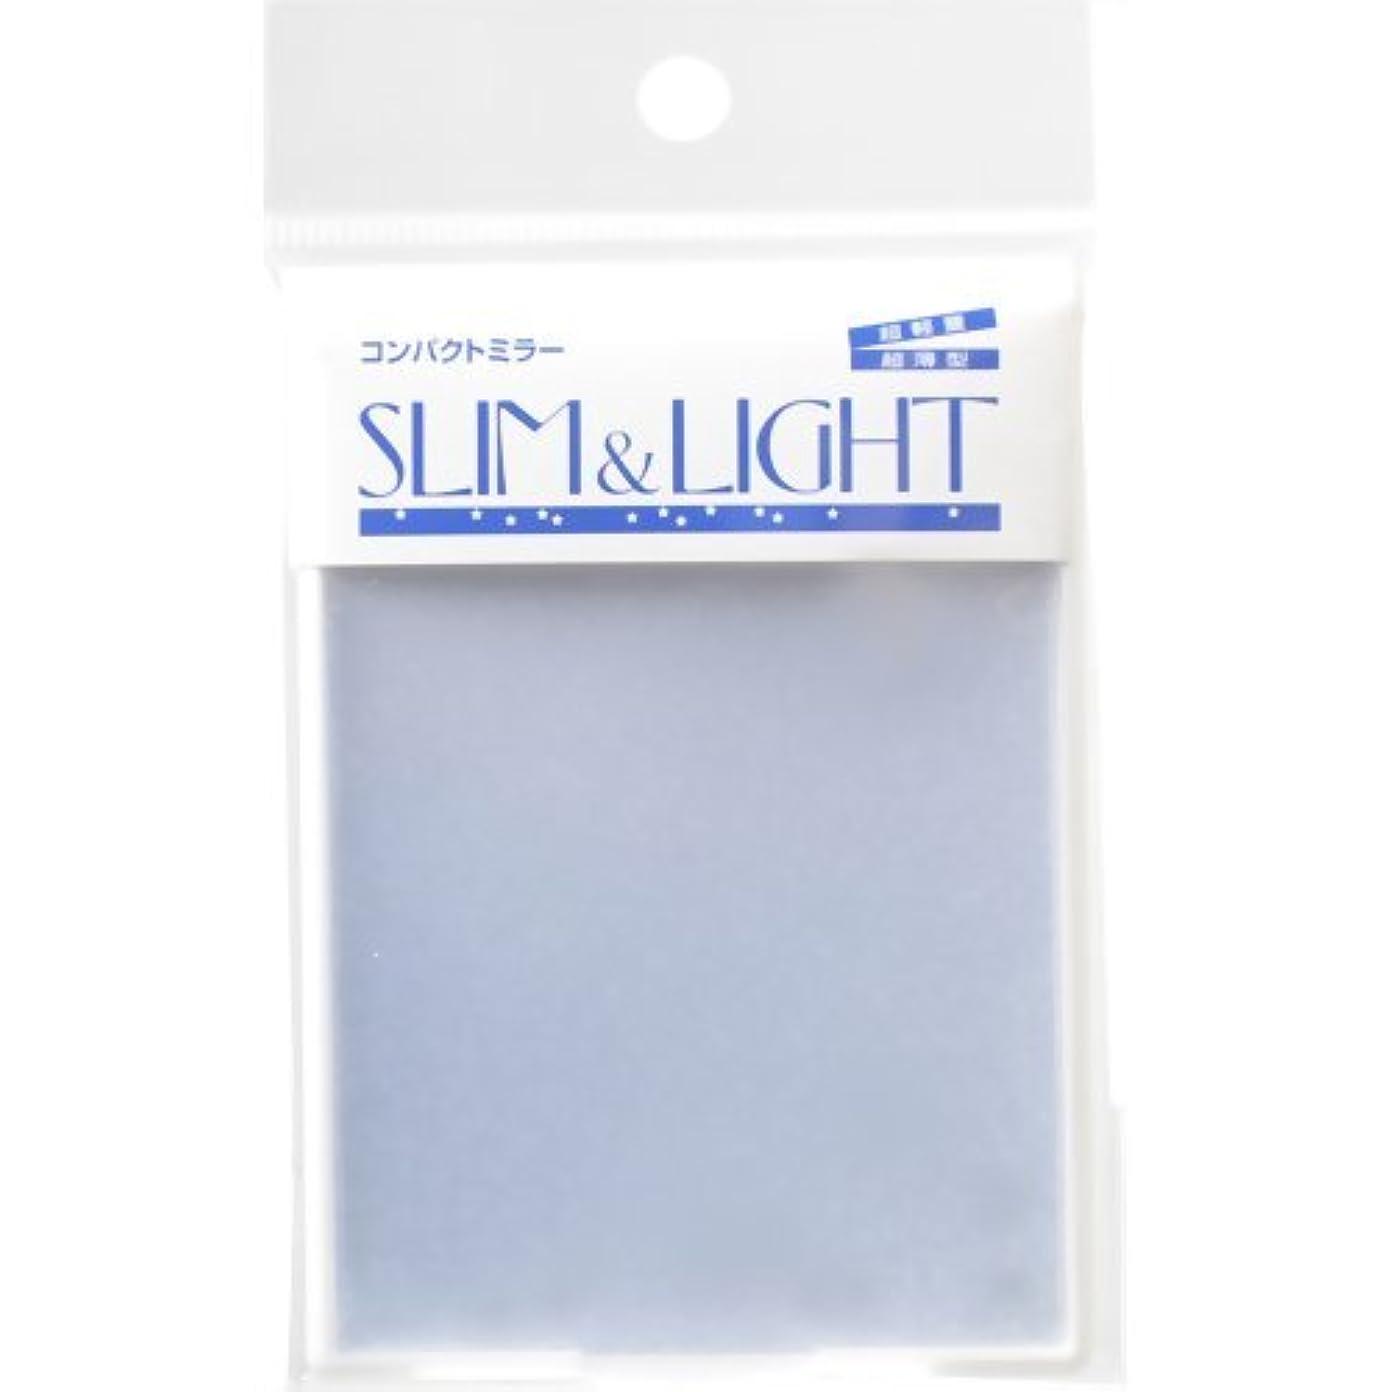 切り離す上昇無数のスリム&ライト・コンパクトミラー・ミニ ホワイト